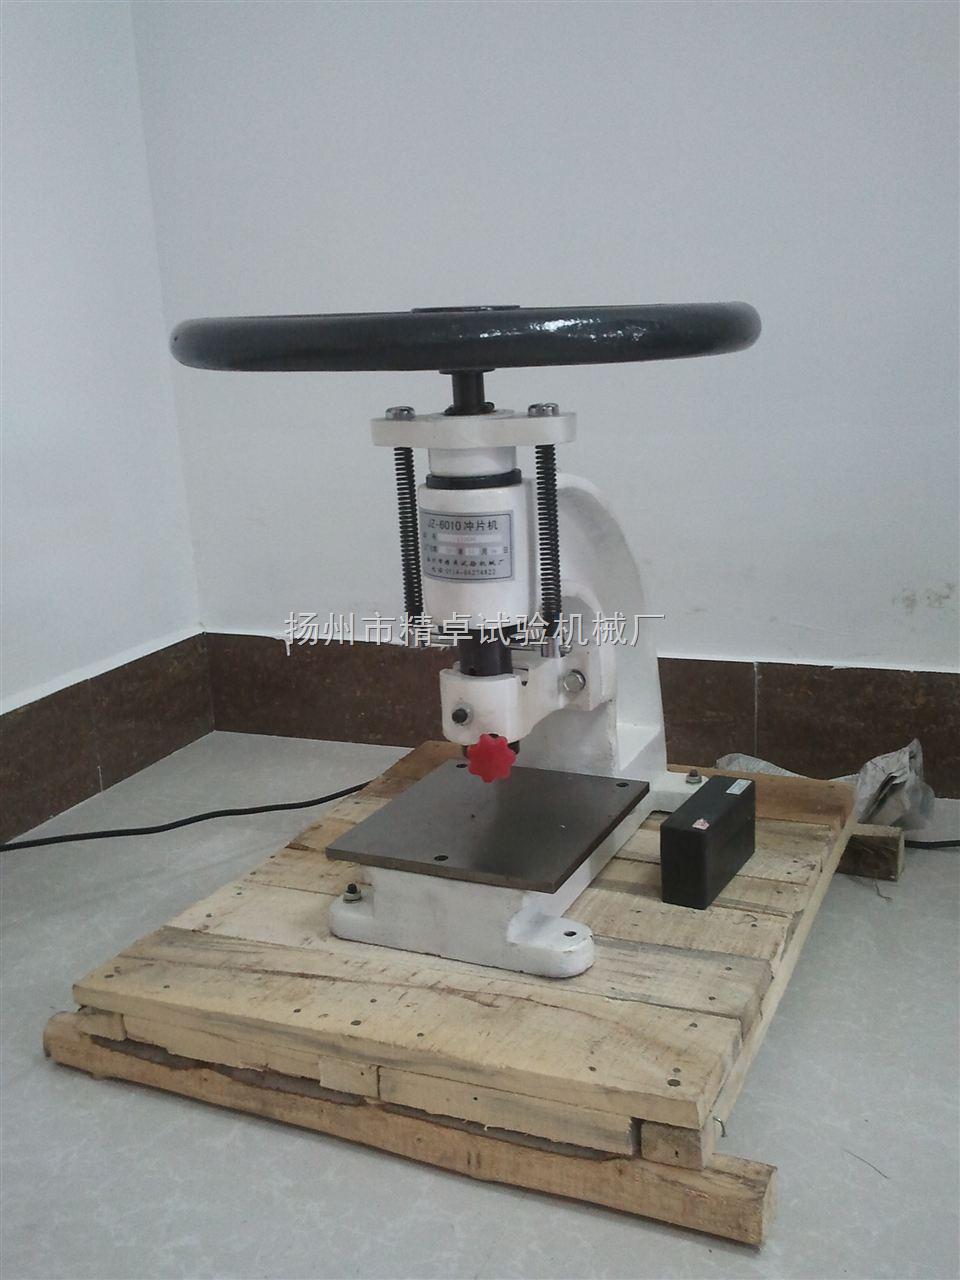 JZ-6010型橡胶手动冲片机